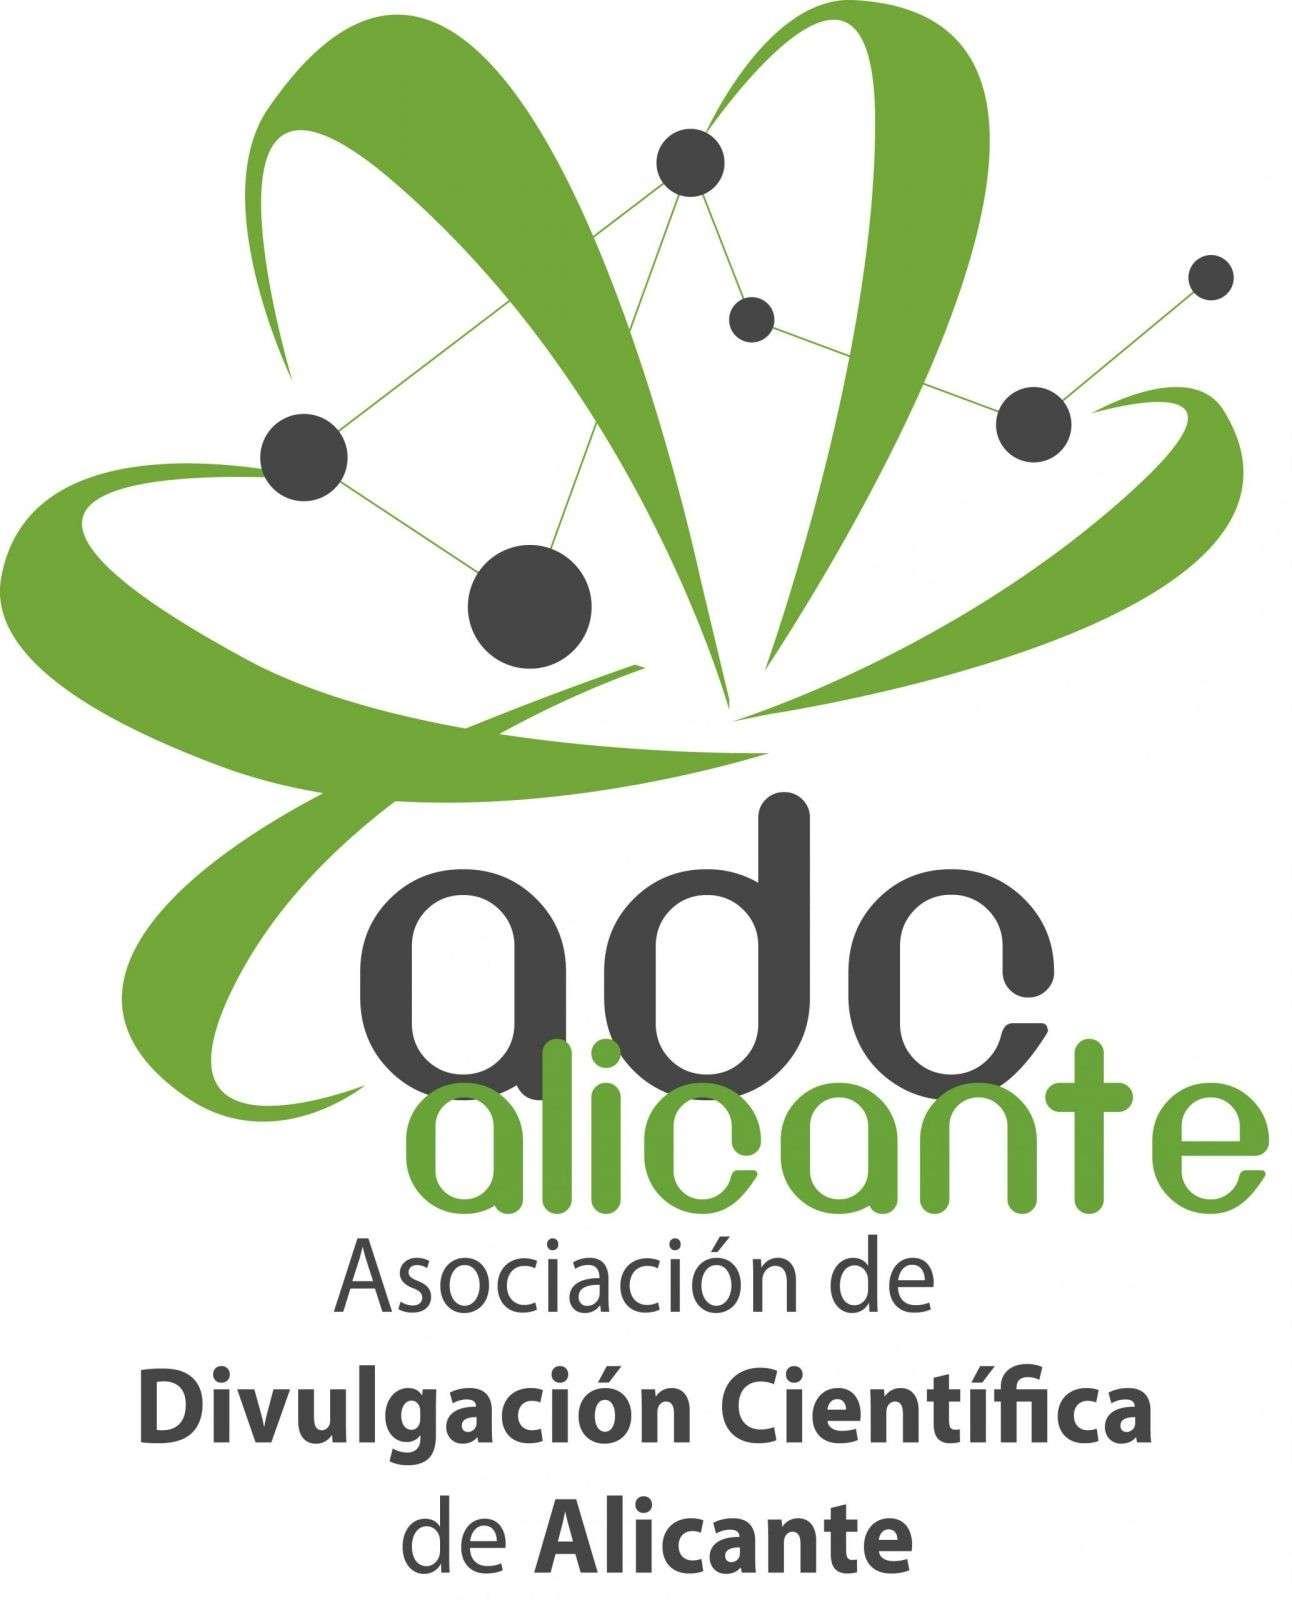 Copia de adc Alicante logo Cuadrado